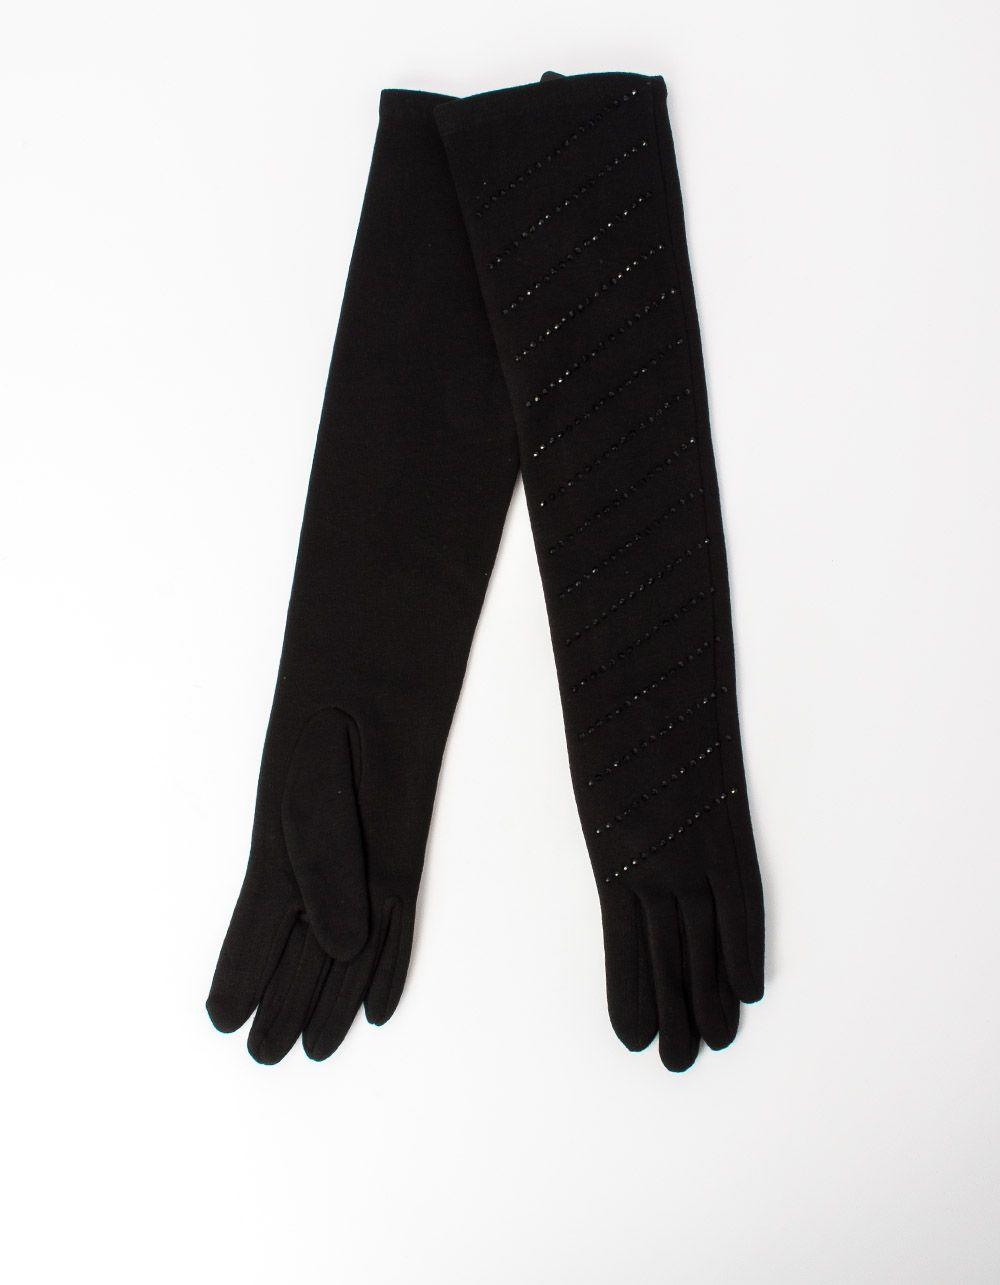 Перчатки высокие трикотажные с стразами   213063-02-07